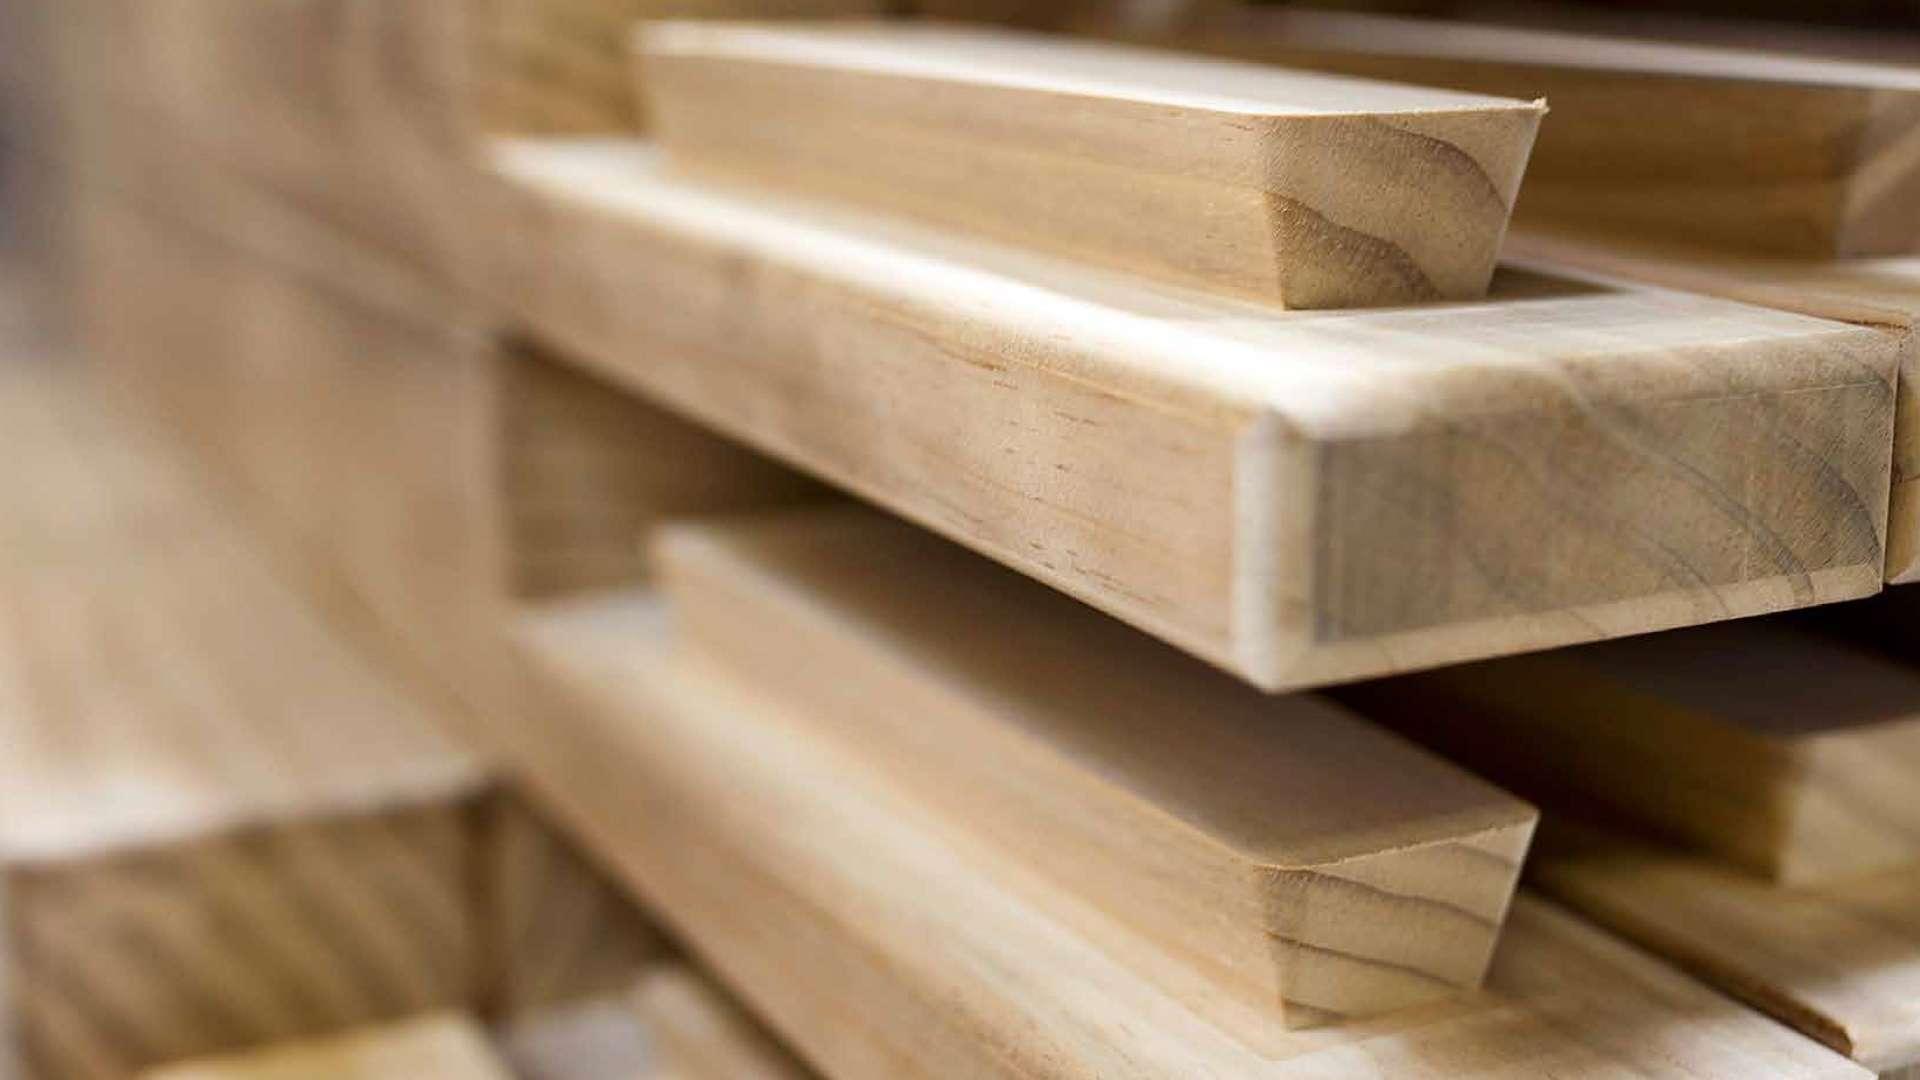 Nahansicht mehrerer Massivholzbretter